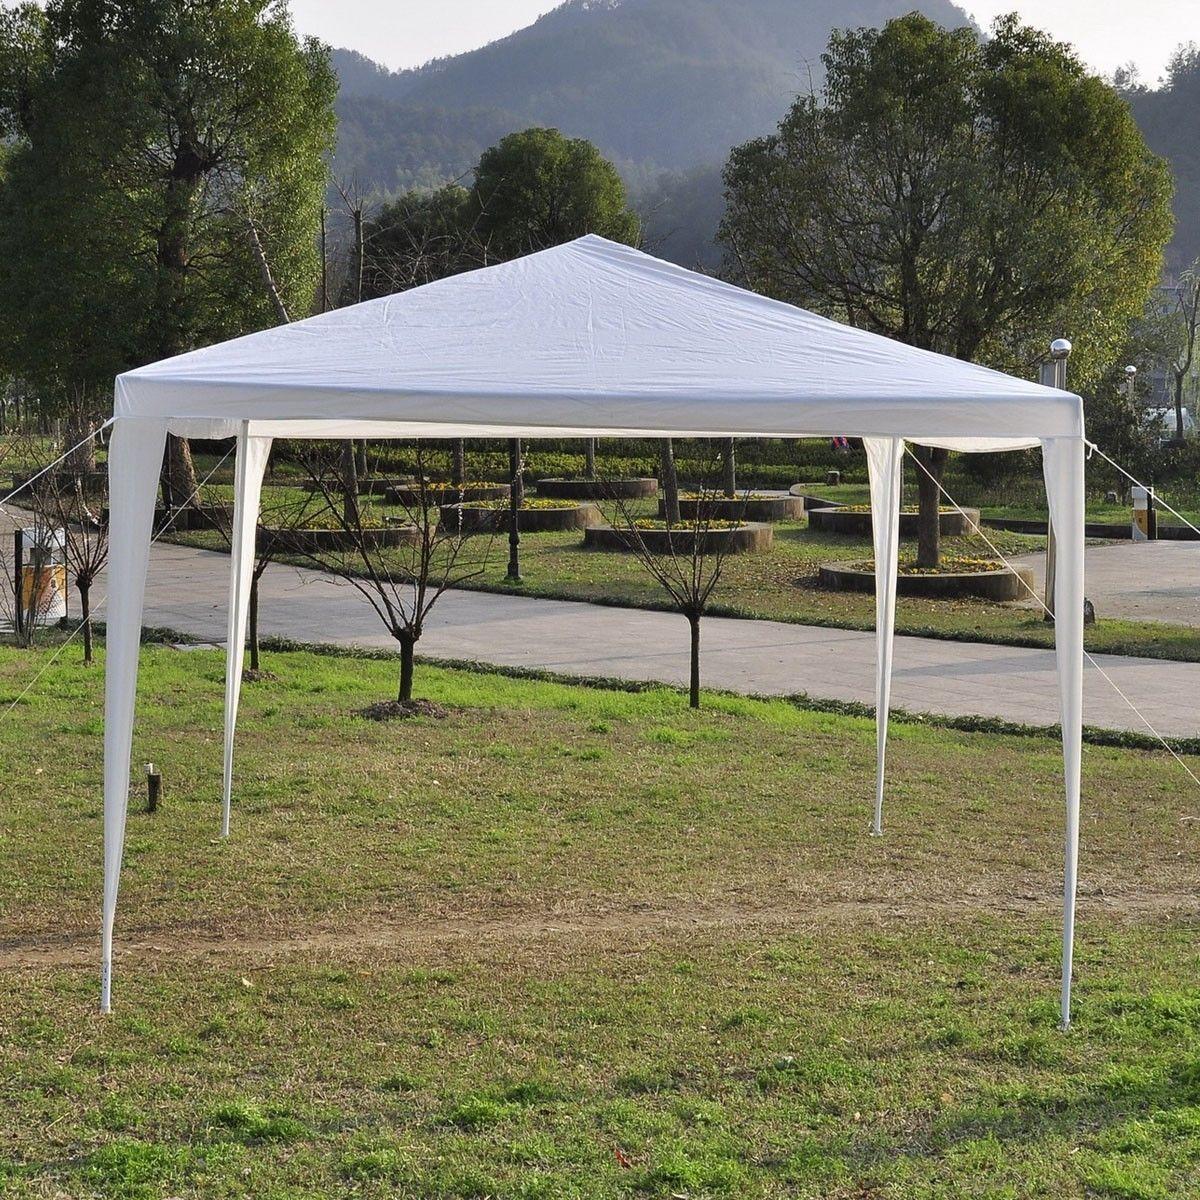 Buy tent in ebay.